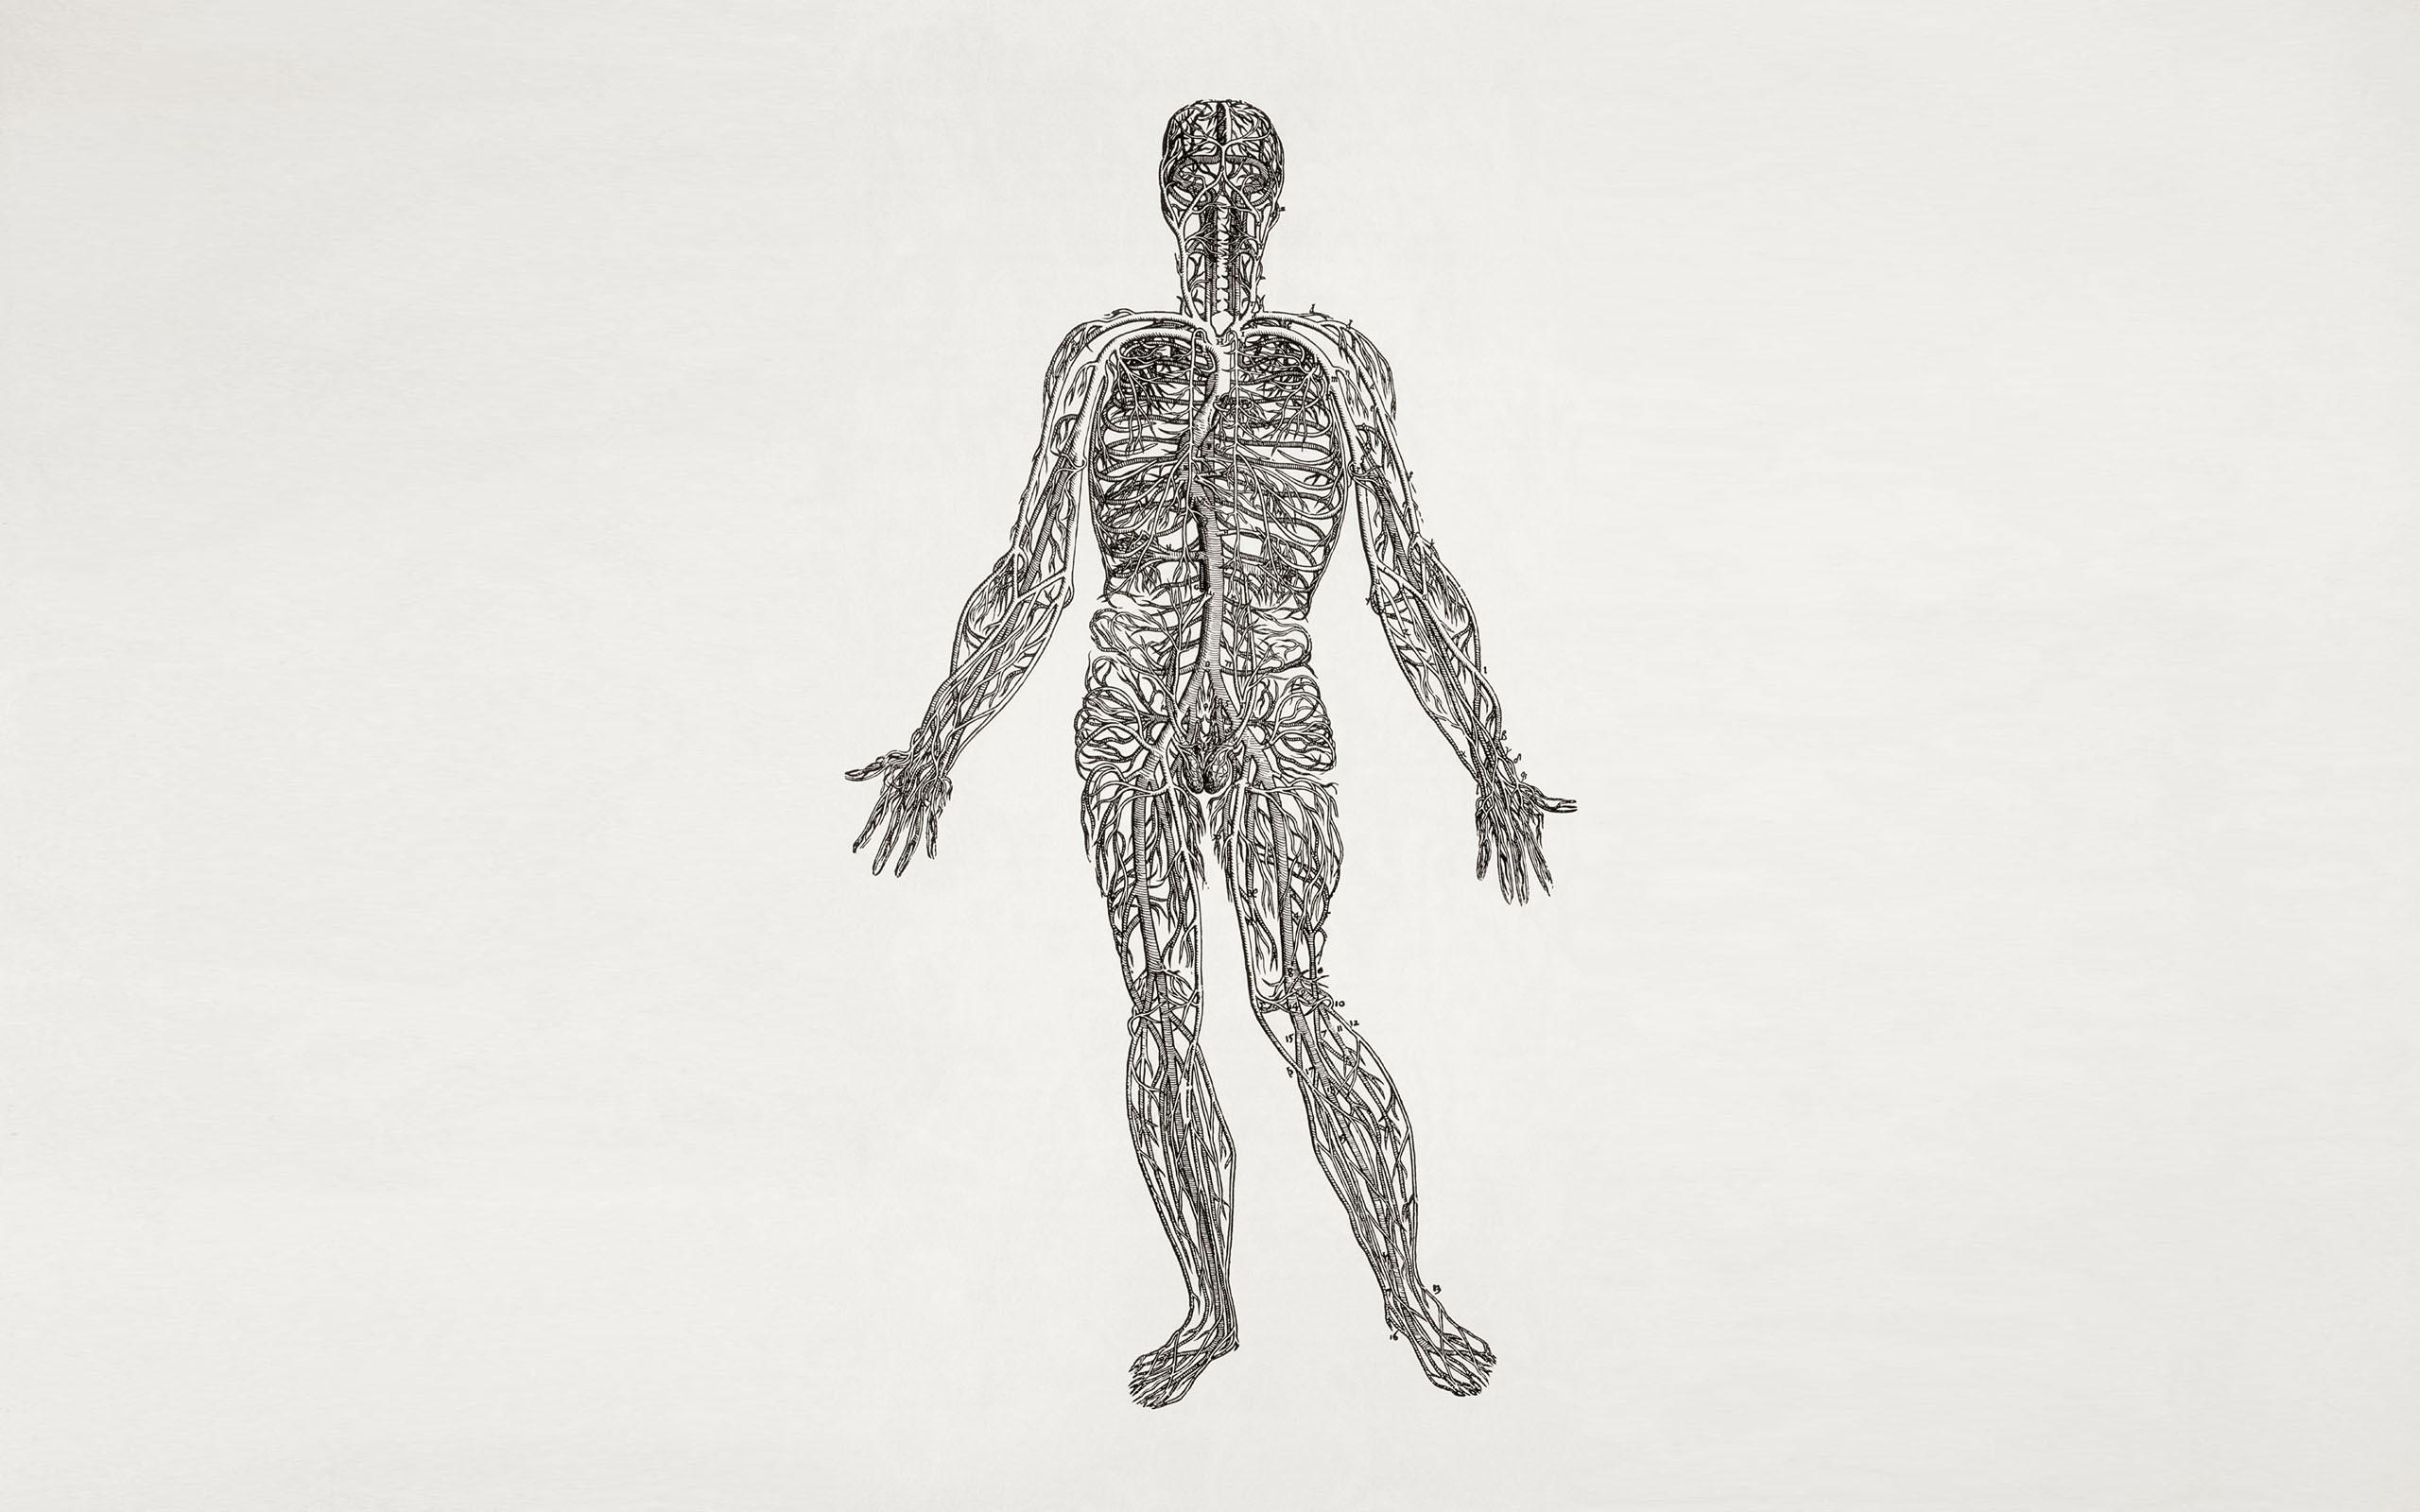 19d8f03296f62b Hintergrundbilder : Illustration, Wissenschaft, Skelett, Biologie ...